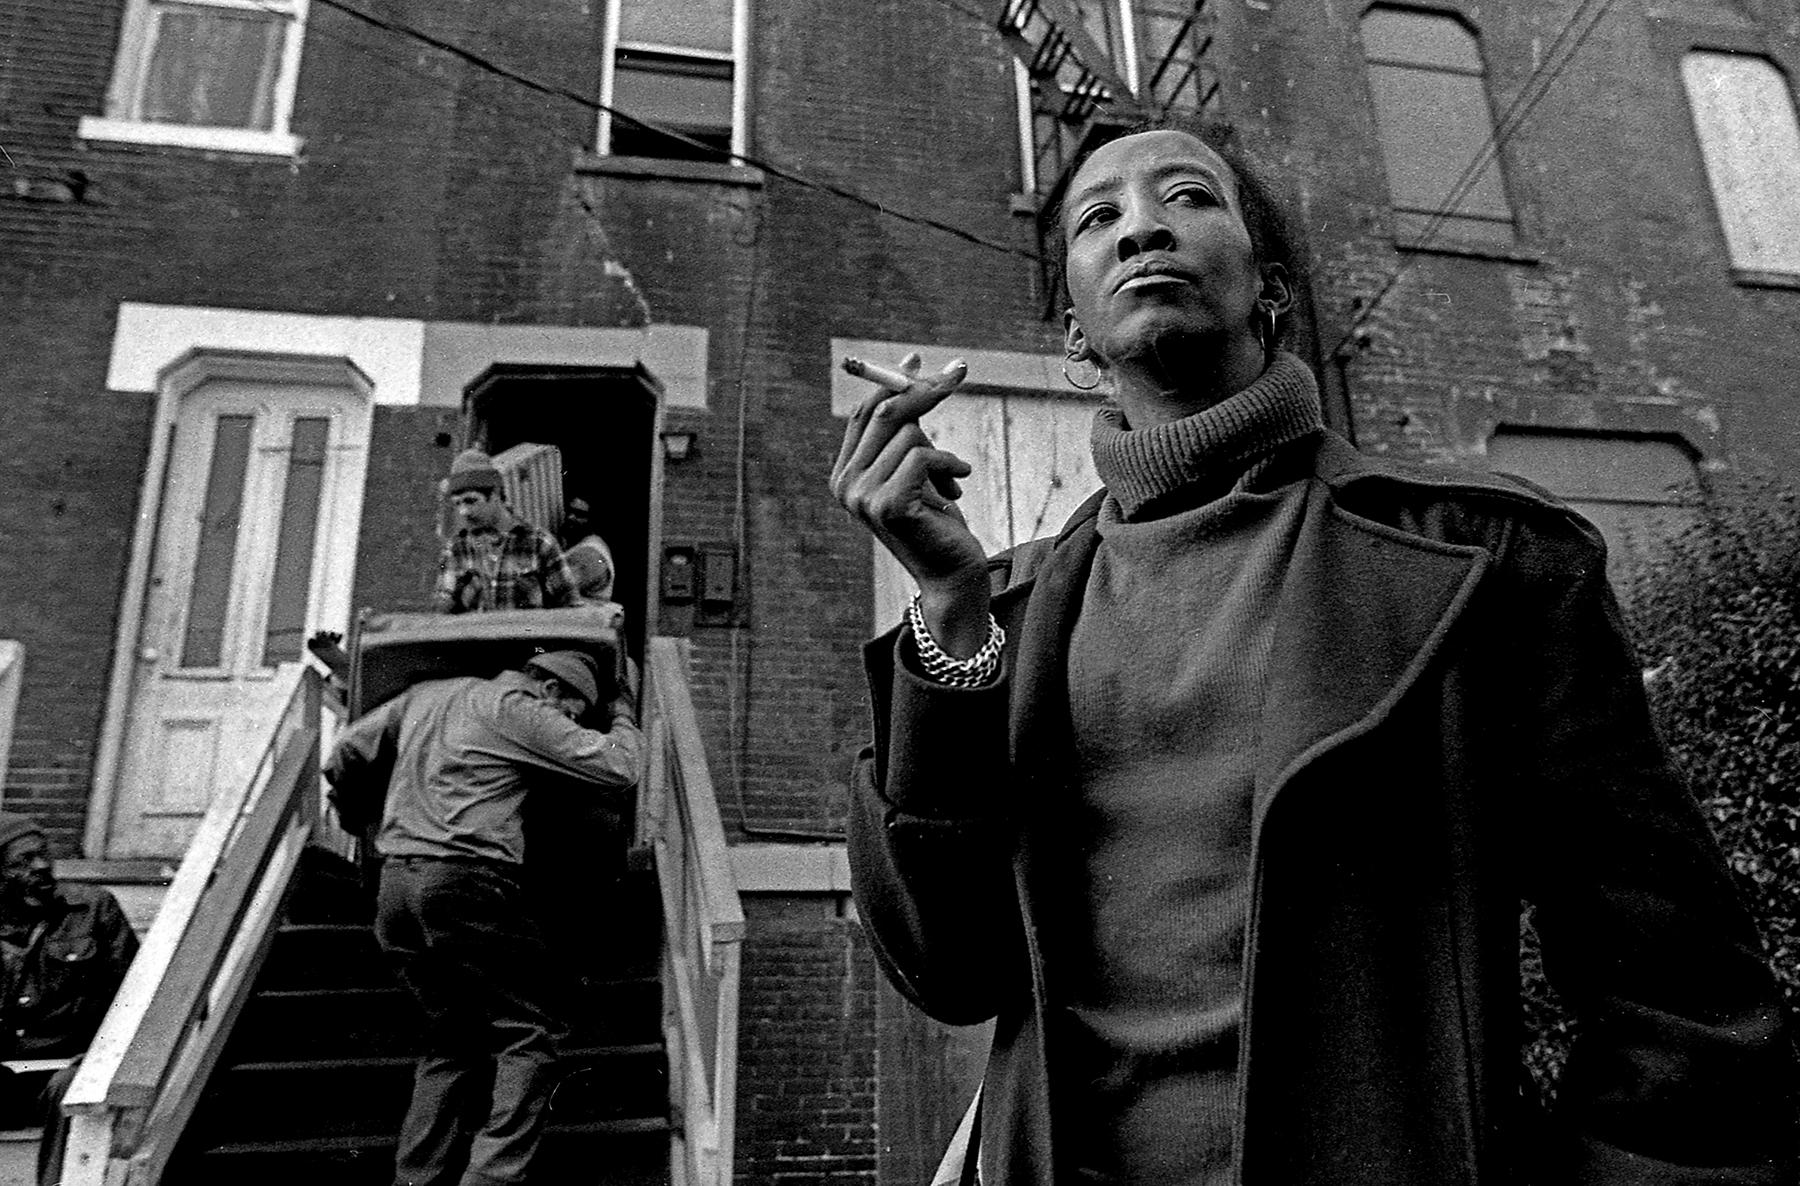 Eviction, Poughkeepsie, N.Y., 1985